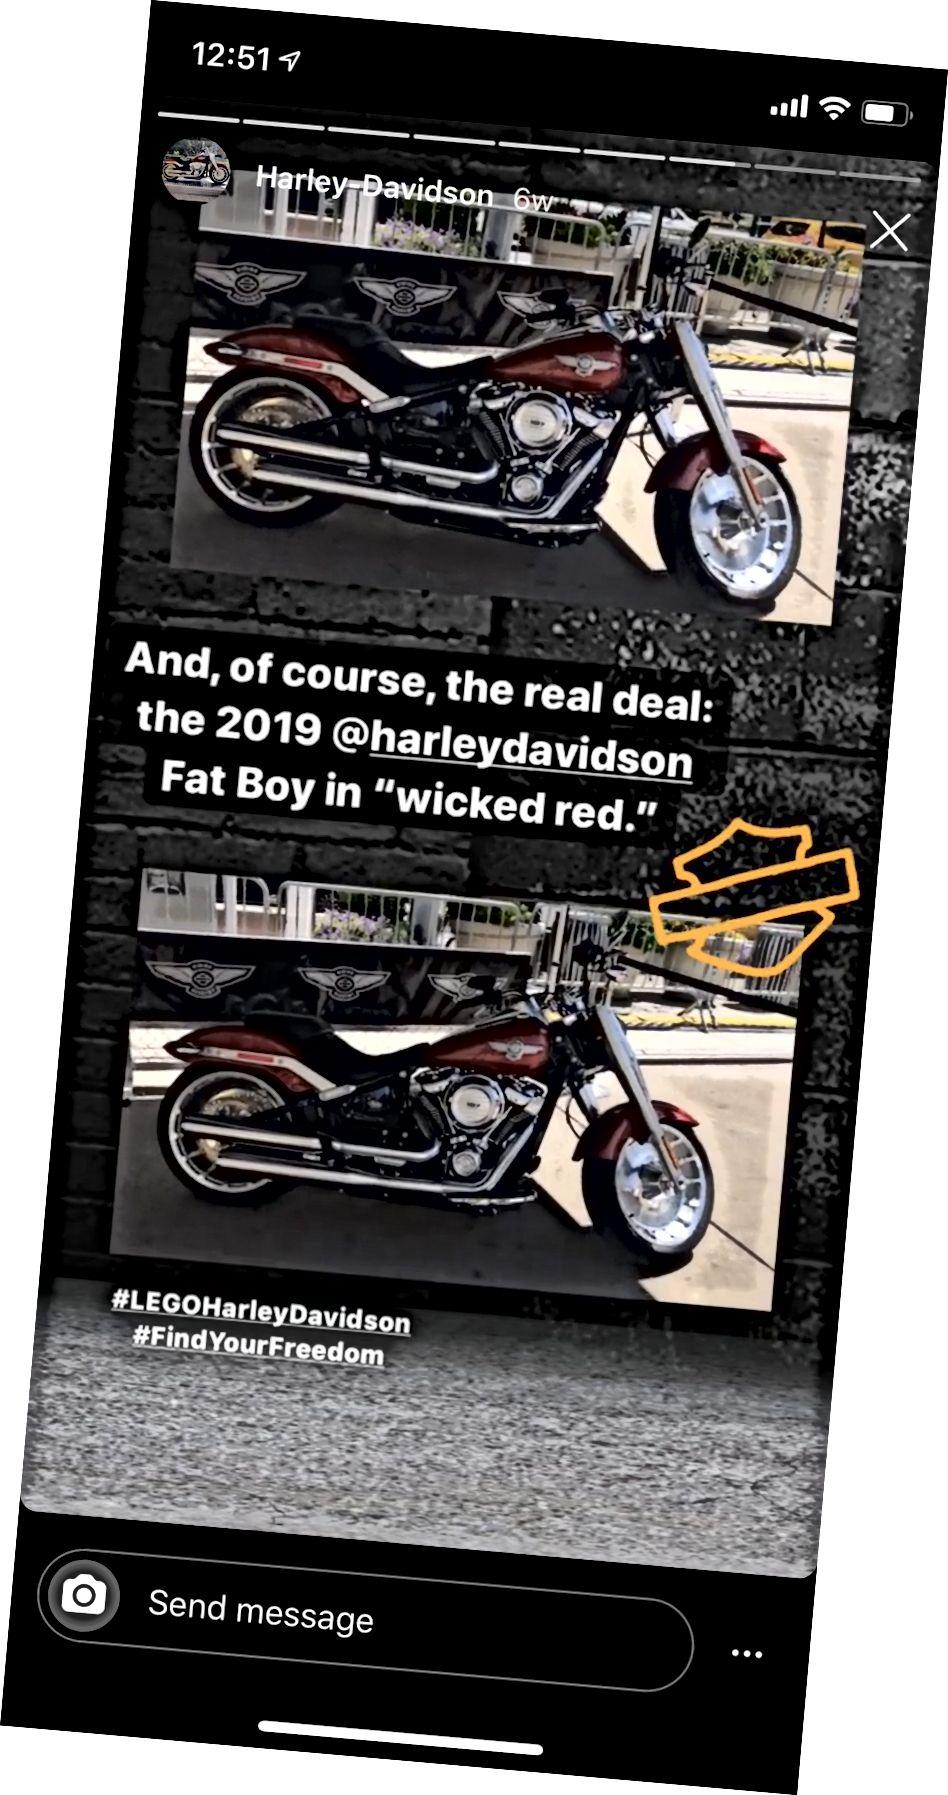 Instagram Stories fremhæver 'Harley Davidson' af @lego